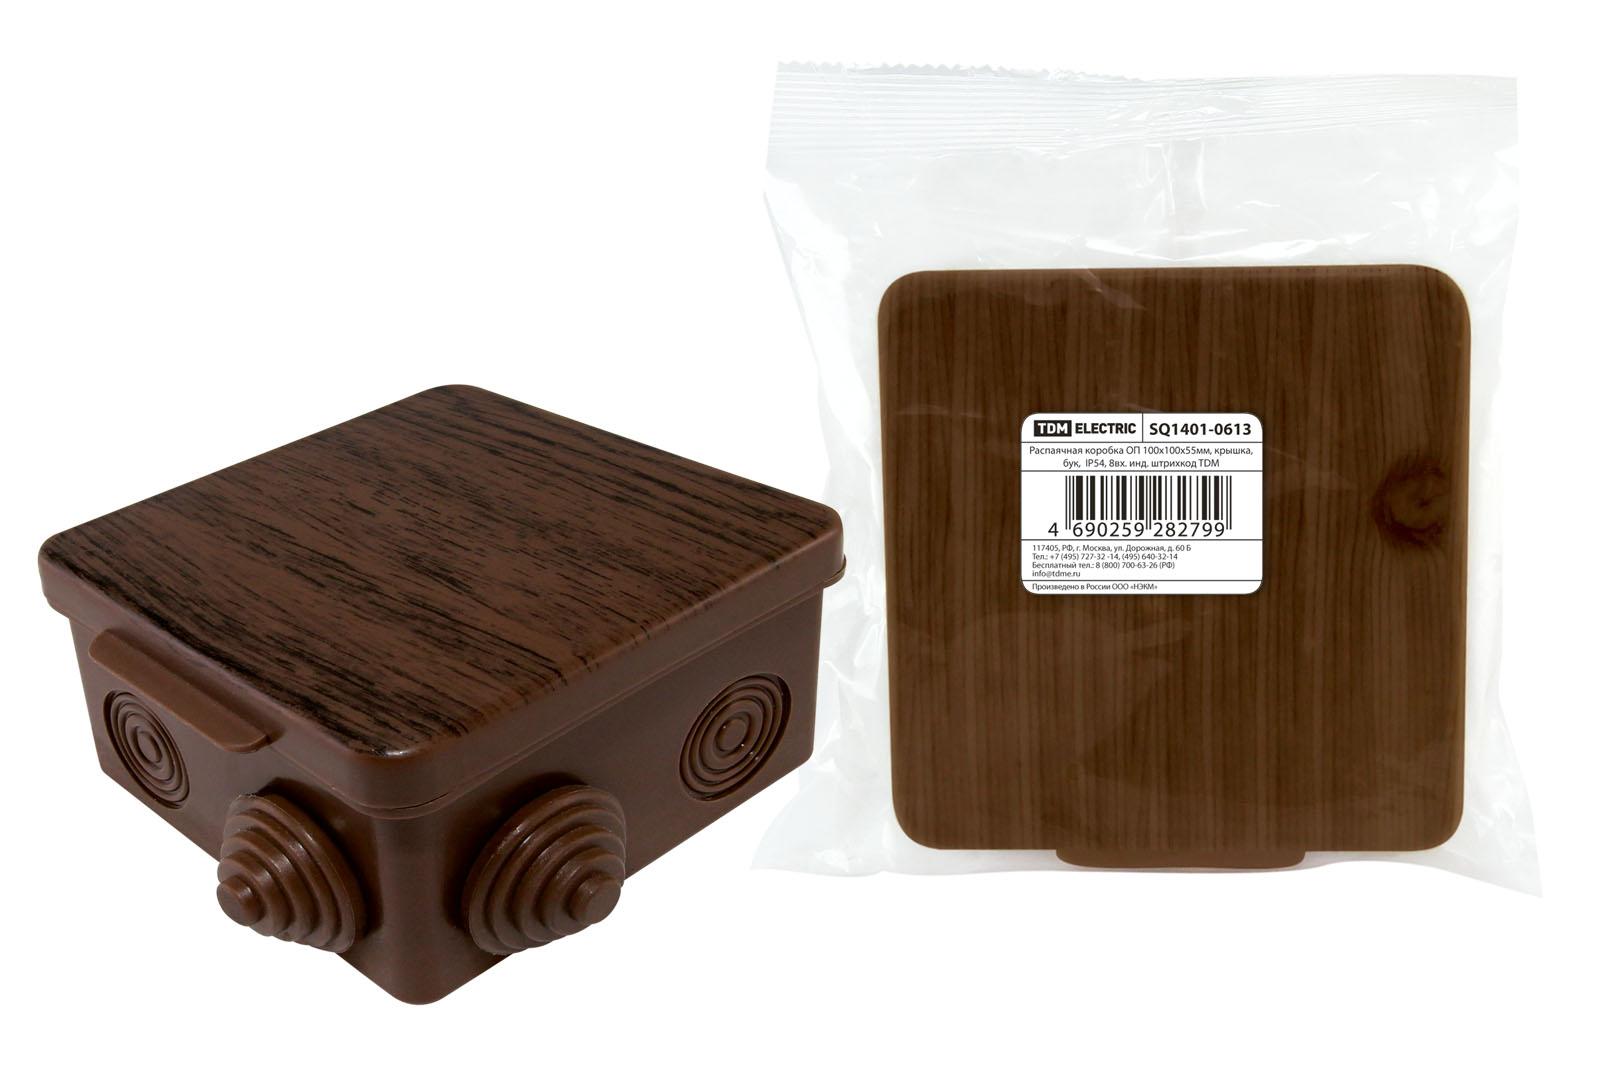 Фото Распаячная коробка ОП 100х100х55мм, крышка, бук, IP54, 8вх. инд. штрихкод TDM {SQ1401-0613}